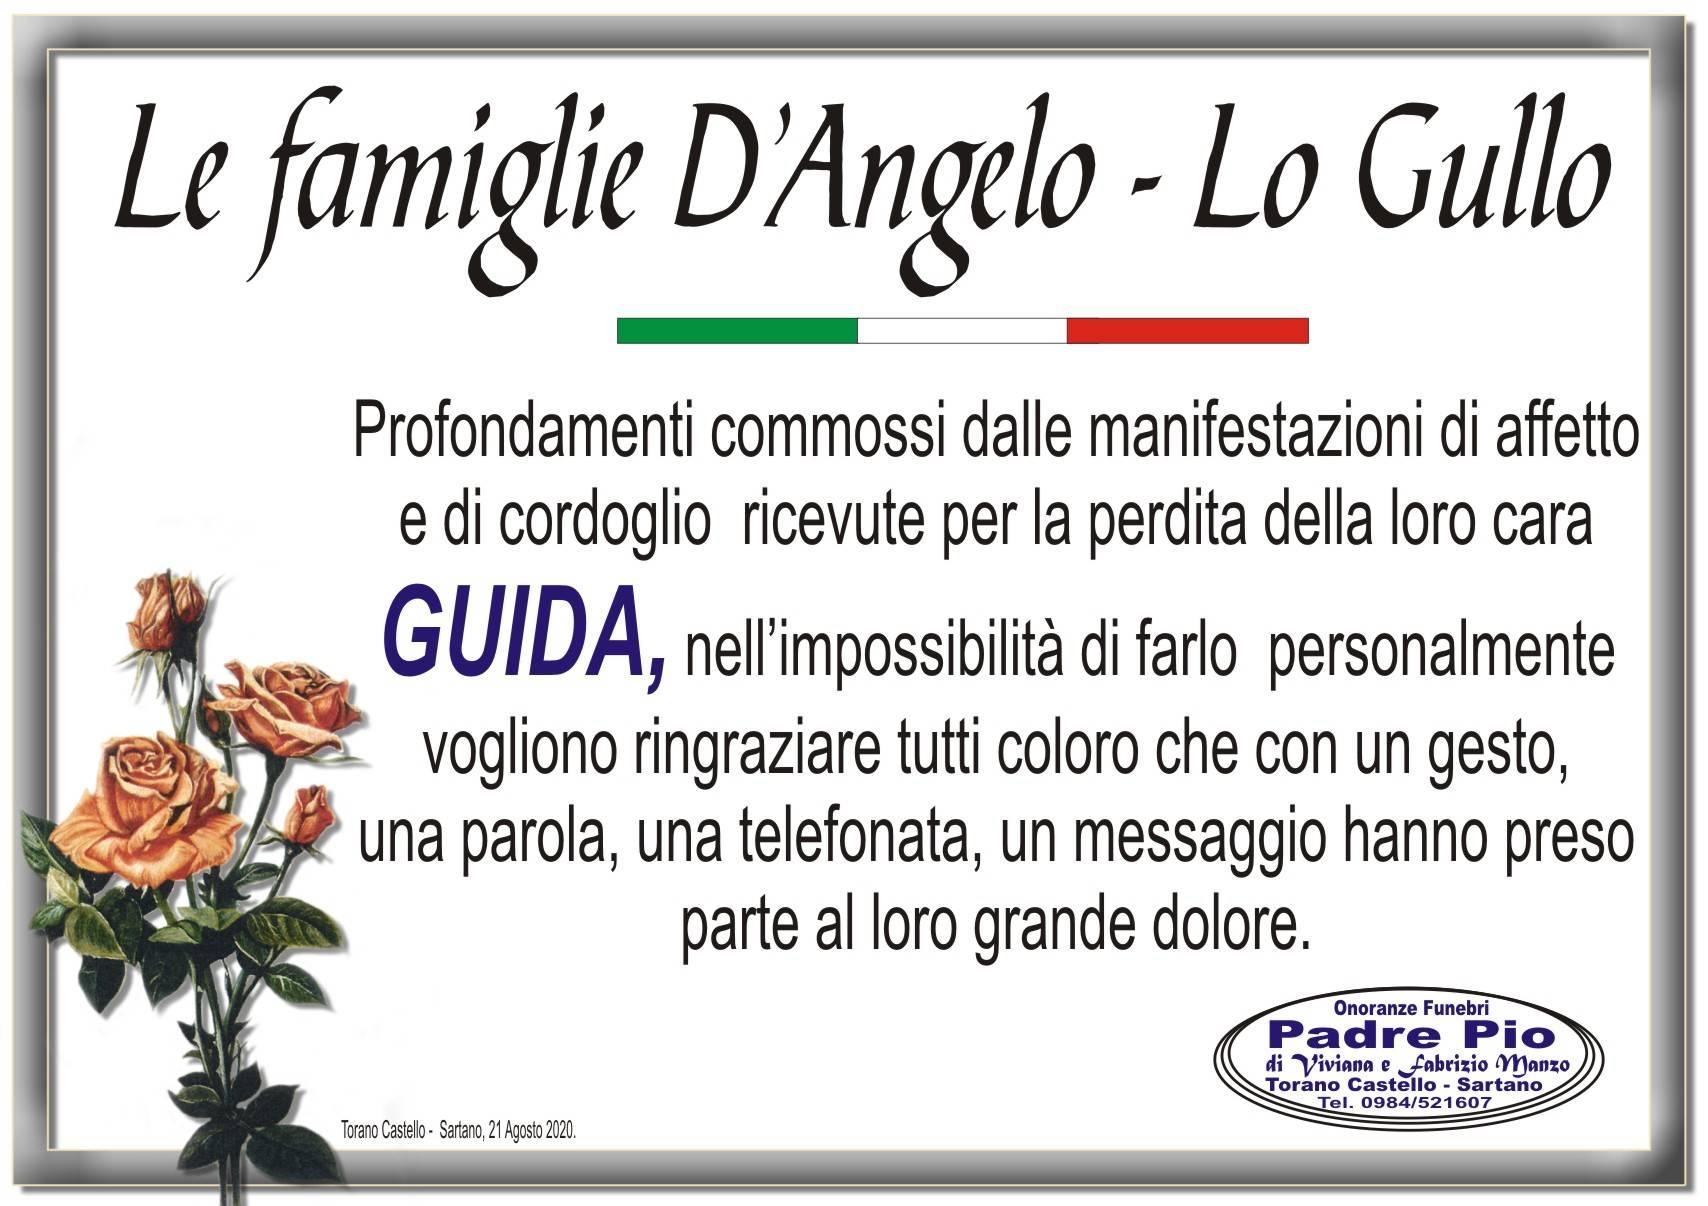 Guida D'Angelo